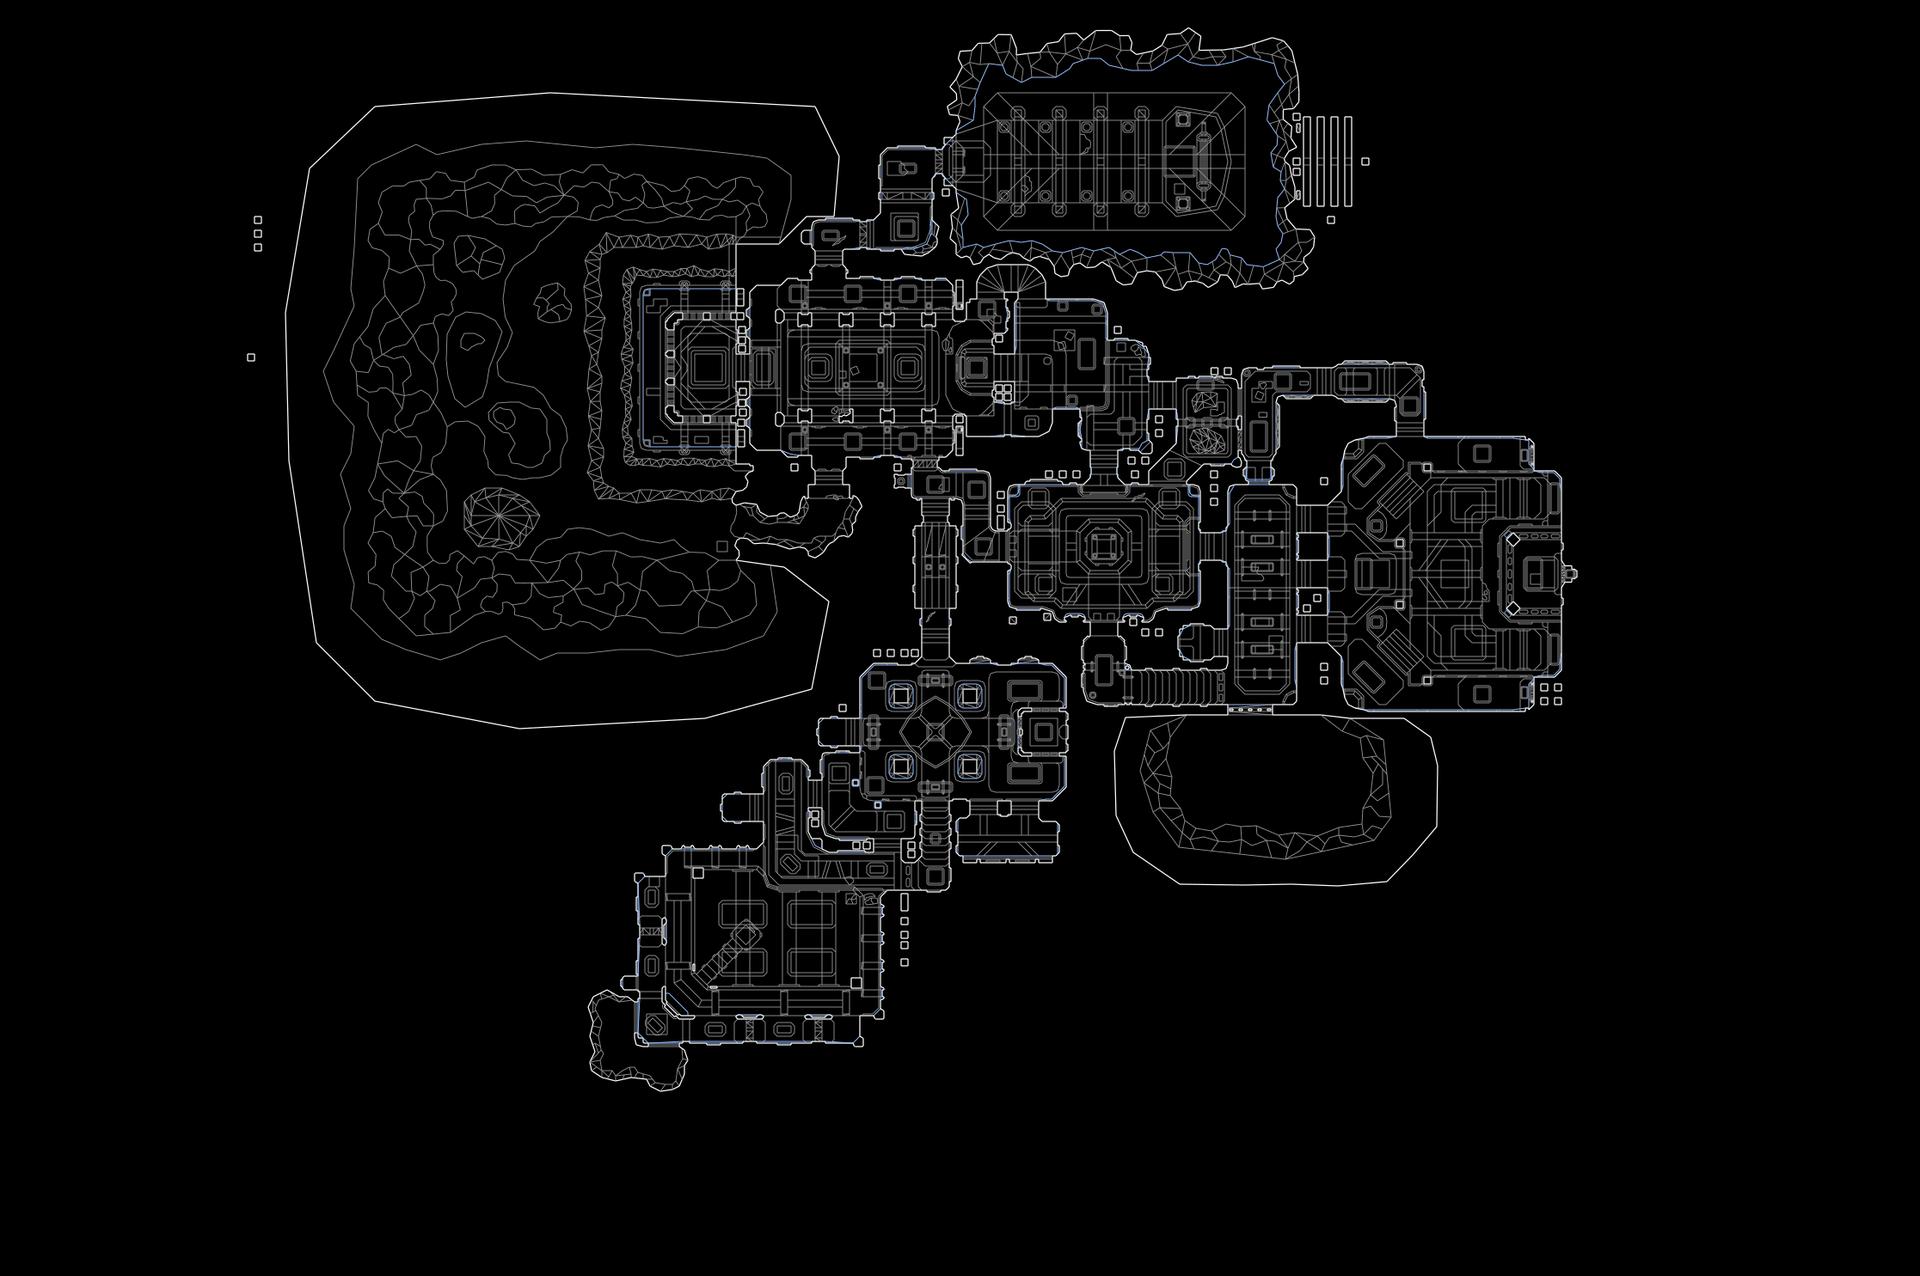 nde-map09.png.84ecef733590afca1e20ede2c6a422ef.png